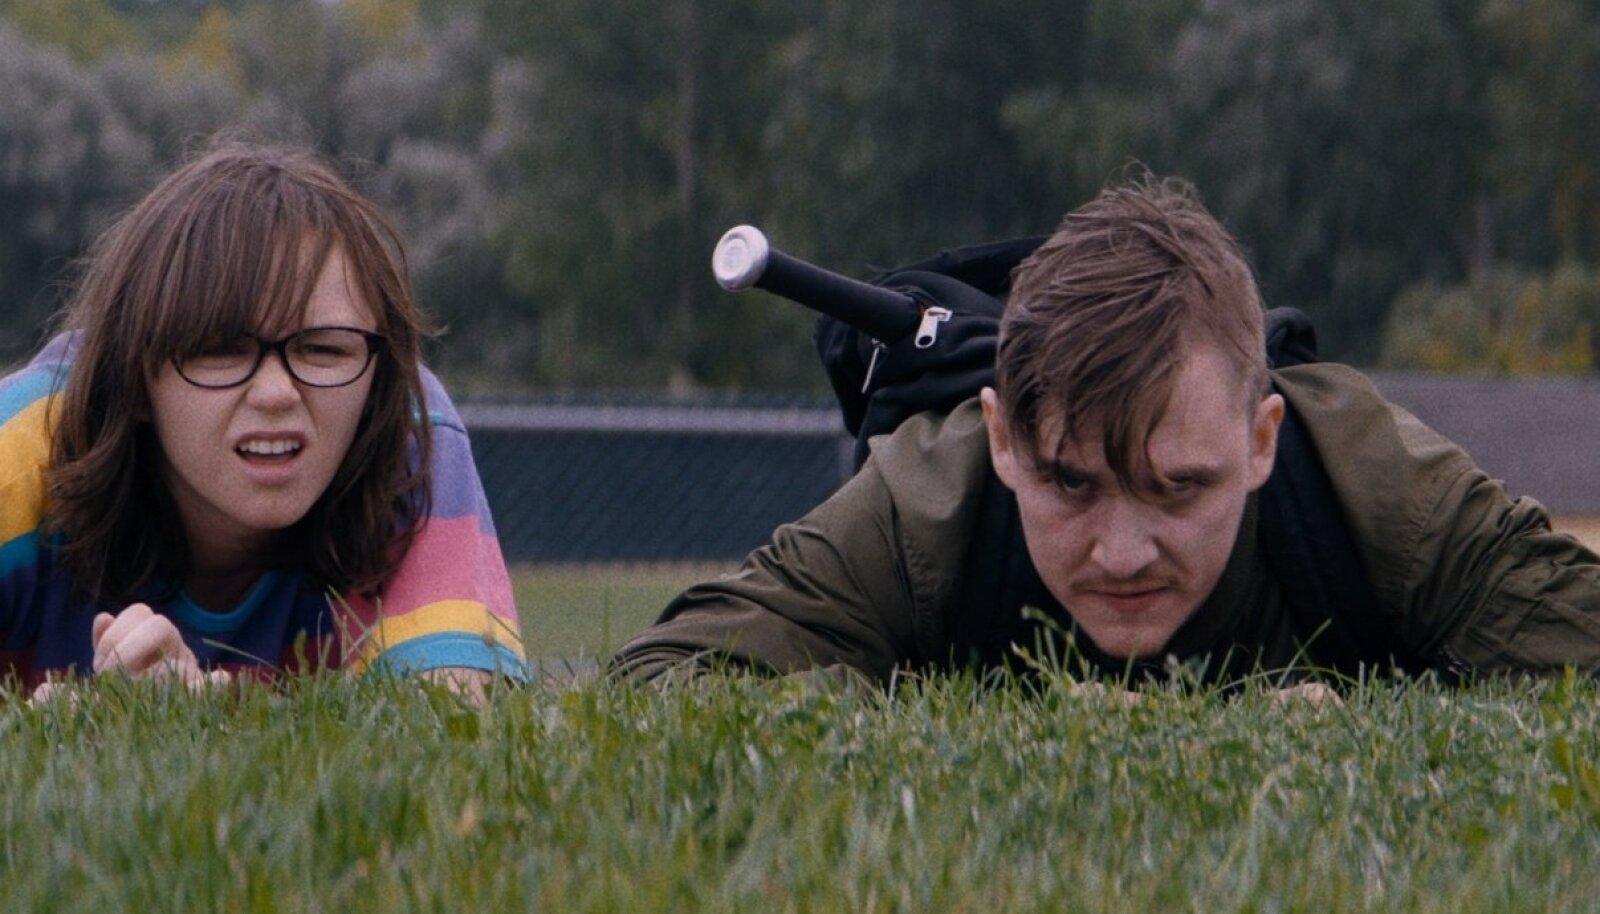 """ISEMOODI ARMASTUSLUGU: """"Õhtusöök Ameerikas"""" viib vaatajad Detroiti äärelinna, kus teineteisesse armuvad Simon (Kyle Gallner) ja Patty (Emily Skeggs)."""